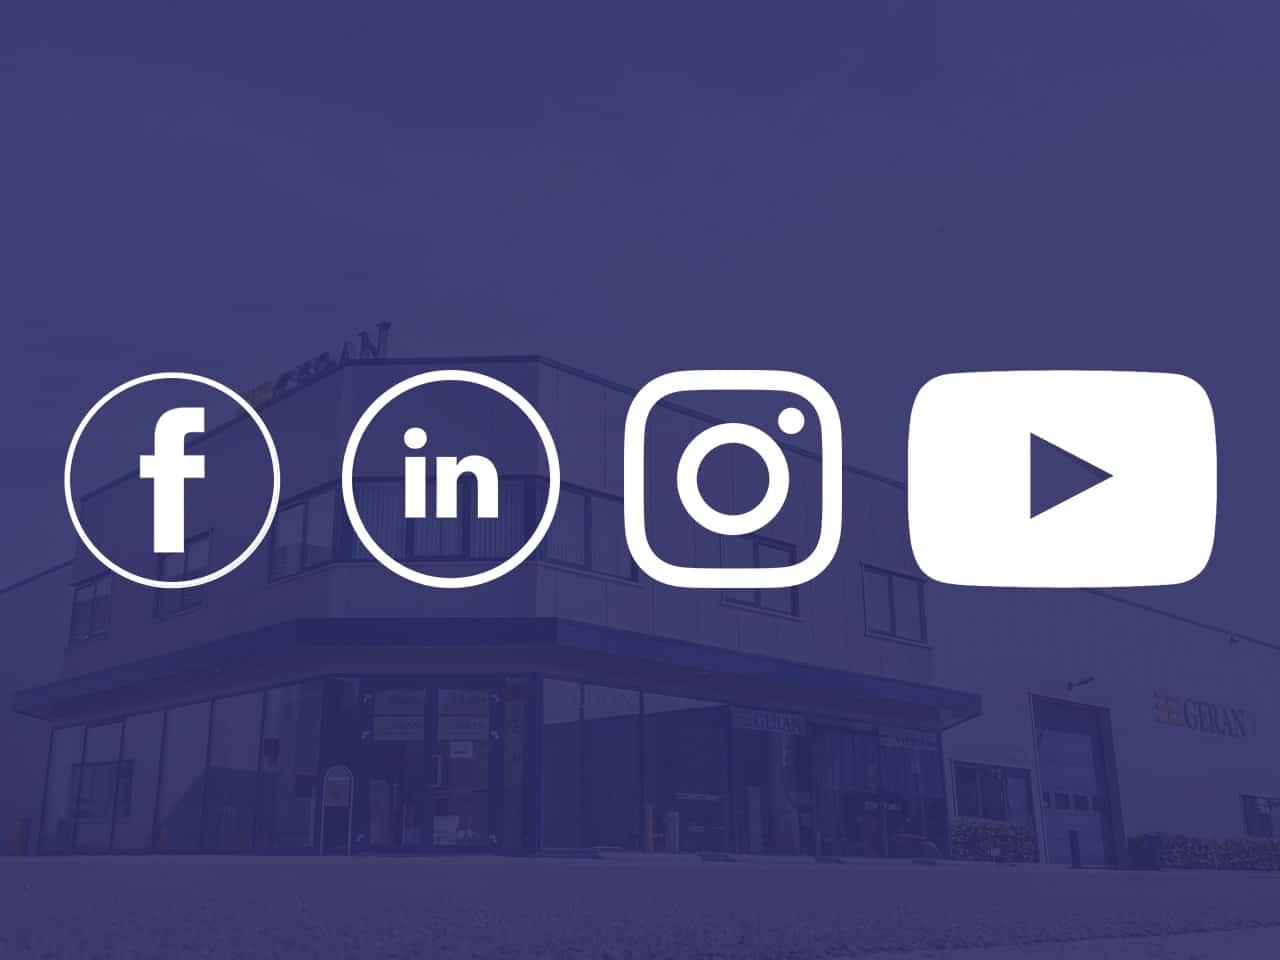 Volgt u ons al op social media?